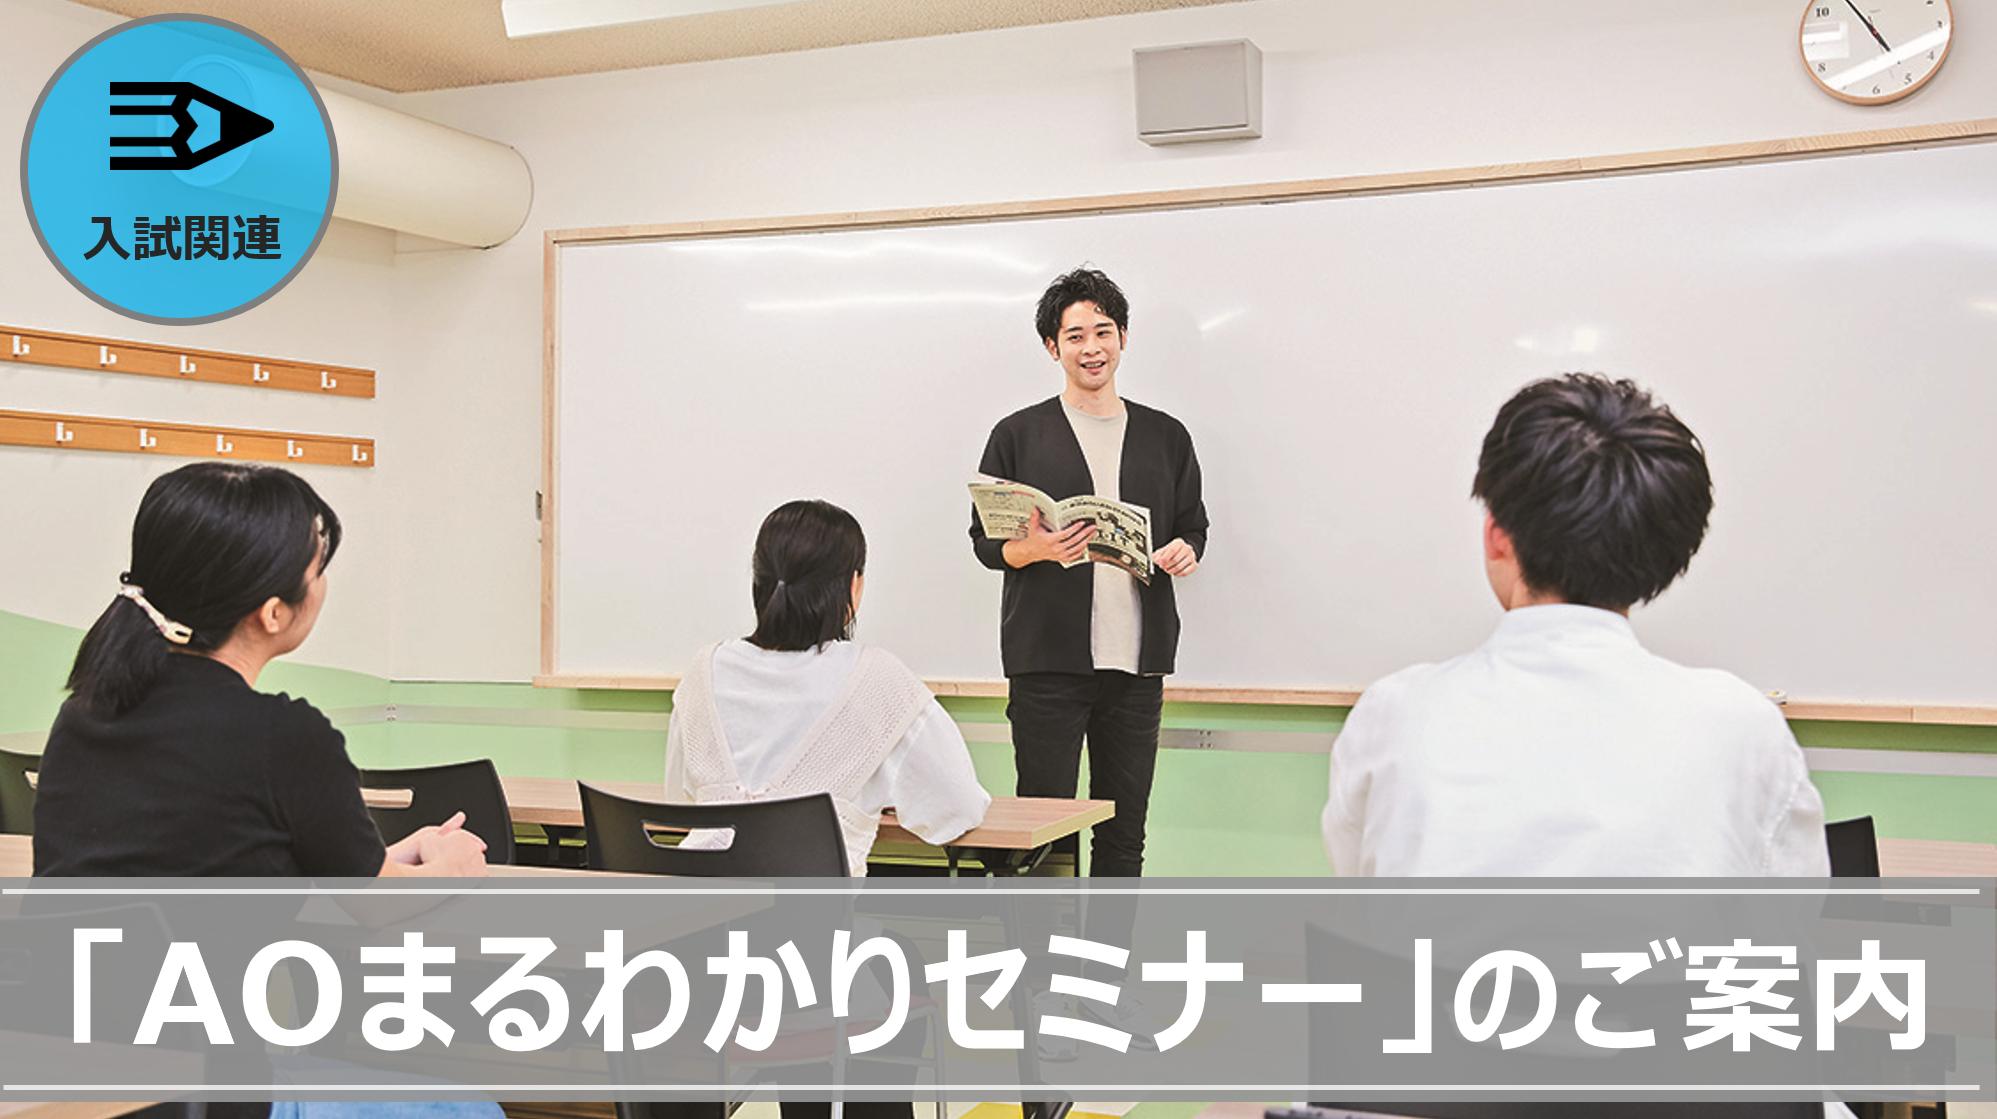 【入試関連】AOまるわかりセミナー開催のご案内(来校&オンライン)